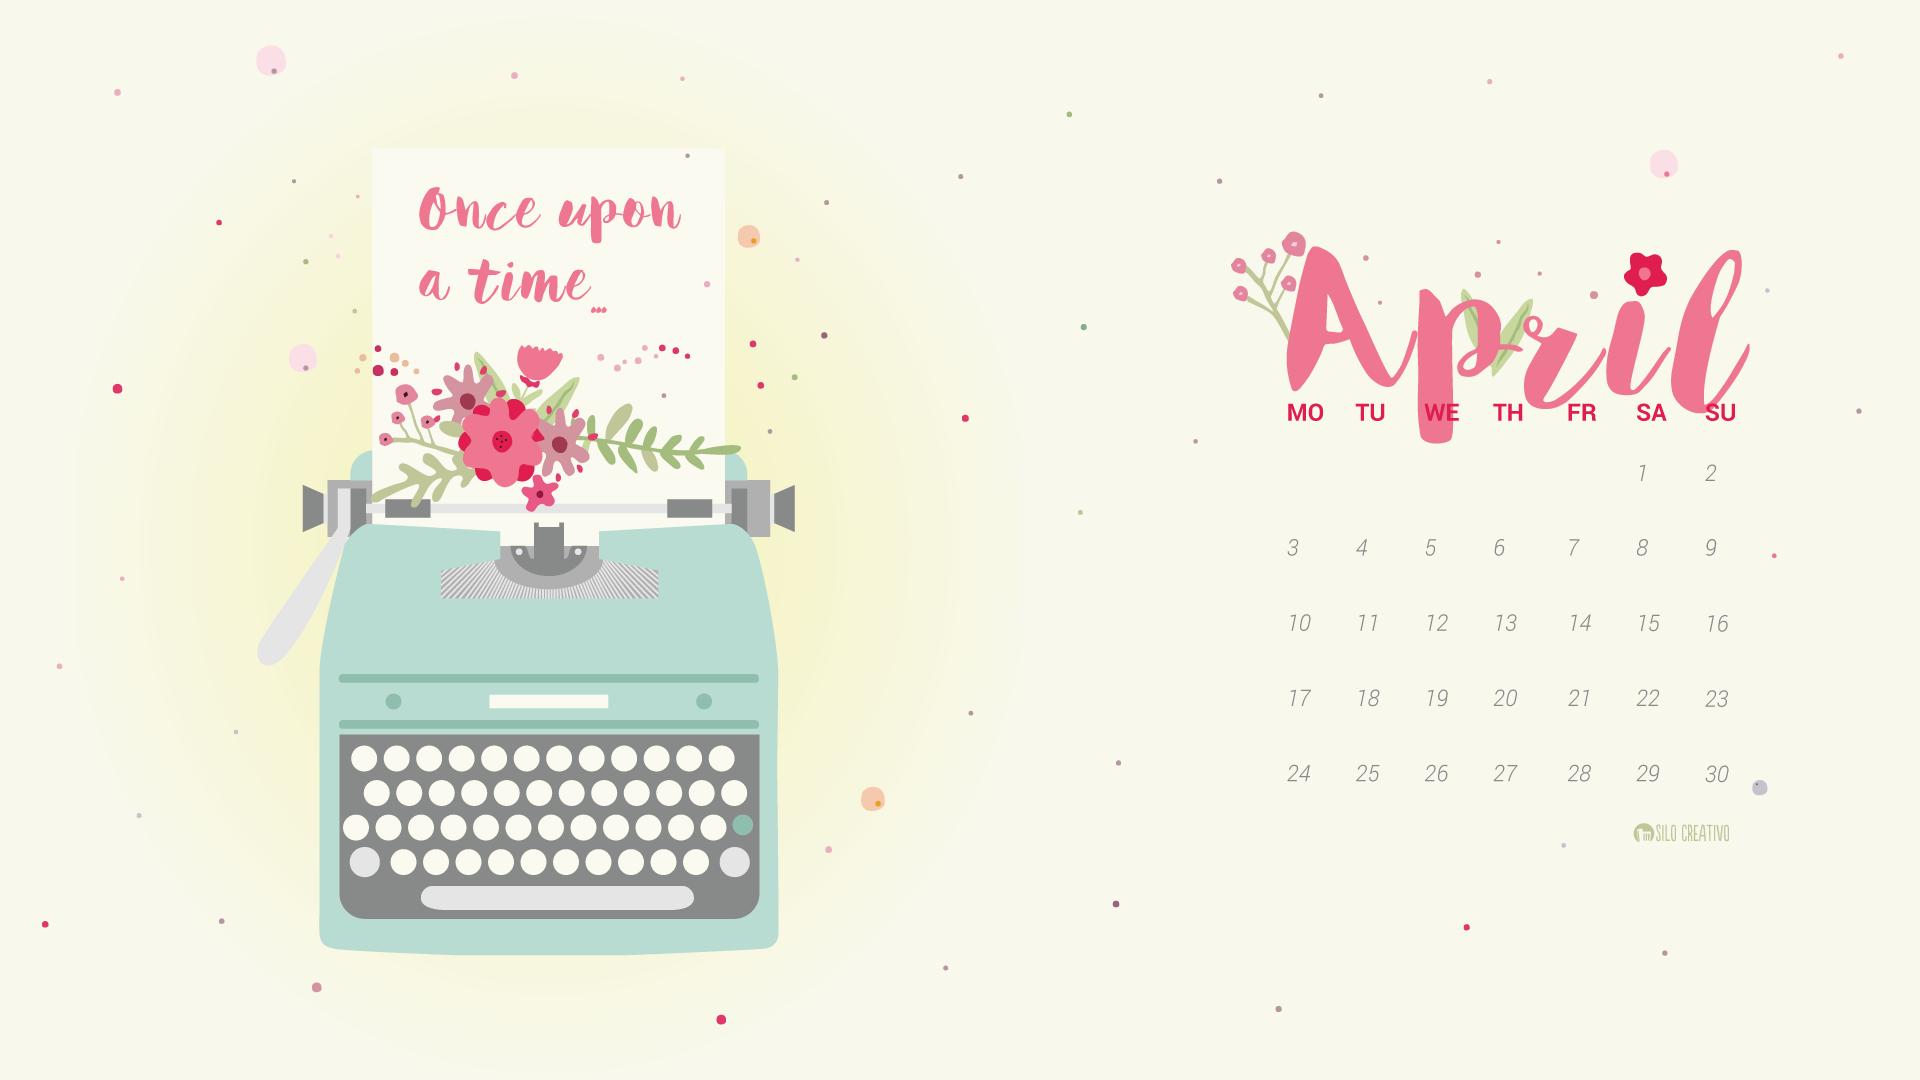 Downloadable Calendar April 2019 Silo Creativo